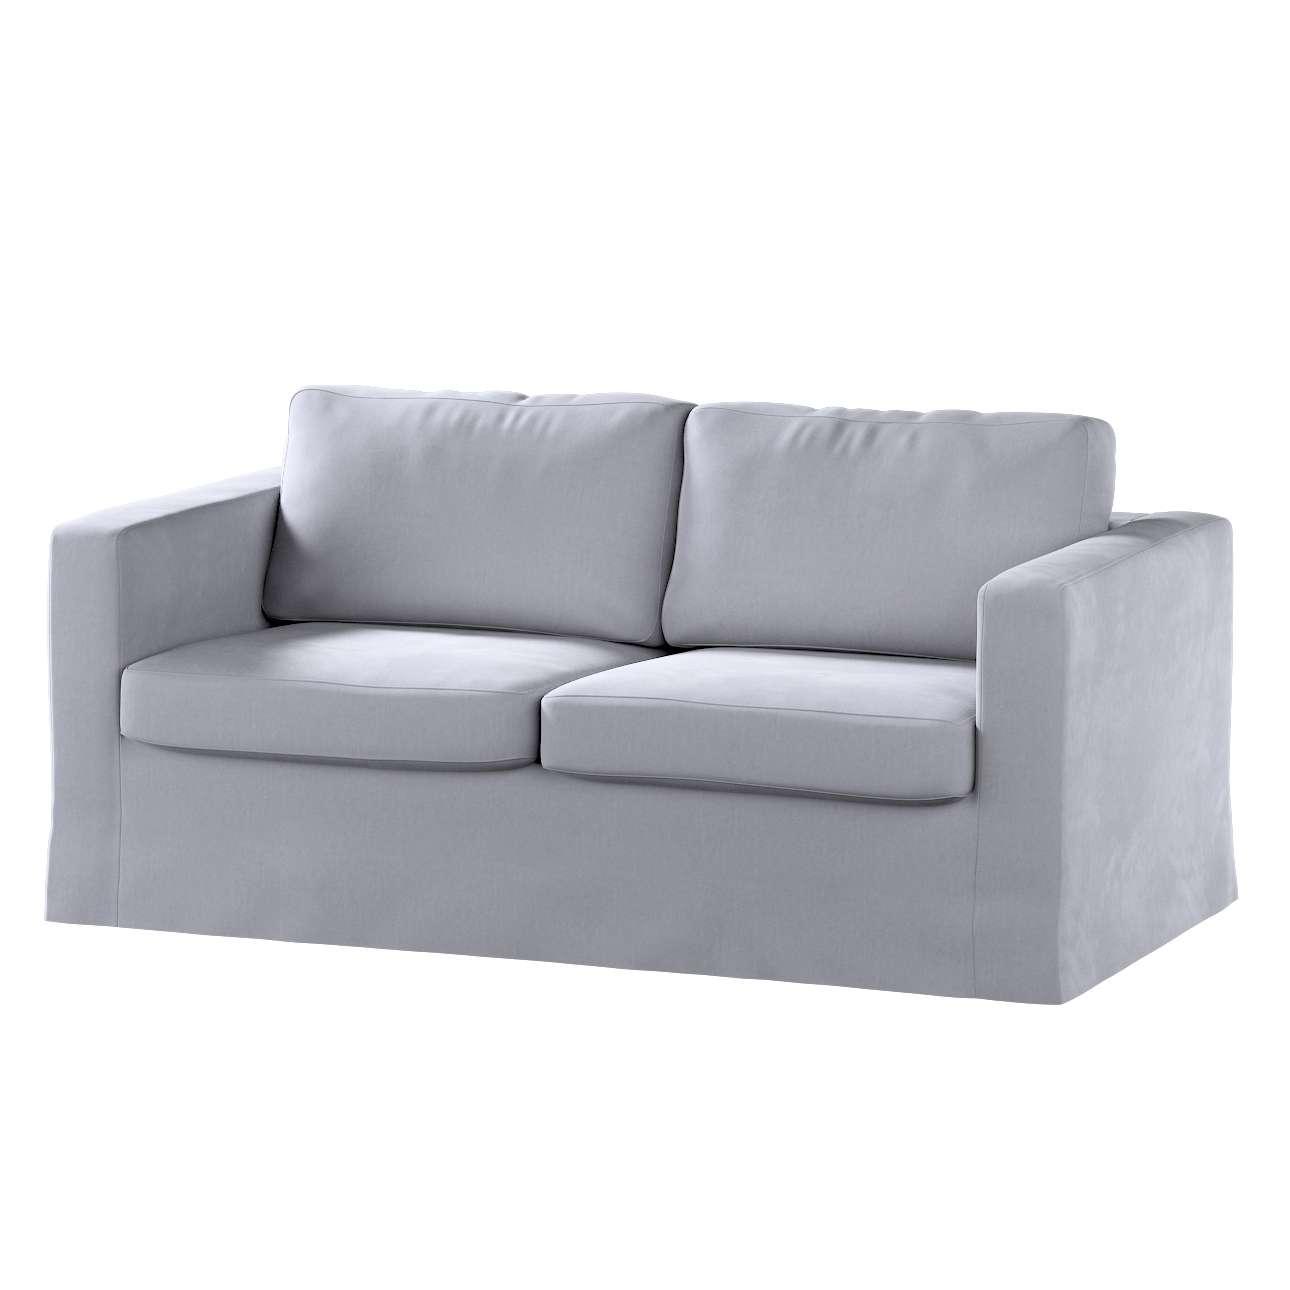 Hoes (lang) voor IKEA-Karlstad 2-zitsbank van de collectie Velvet, Stof: 704-24